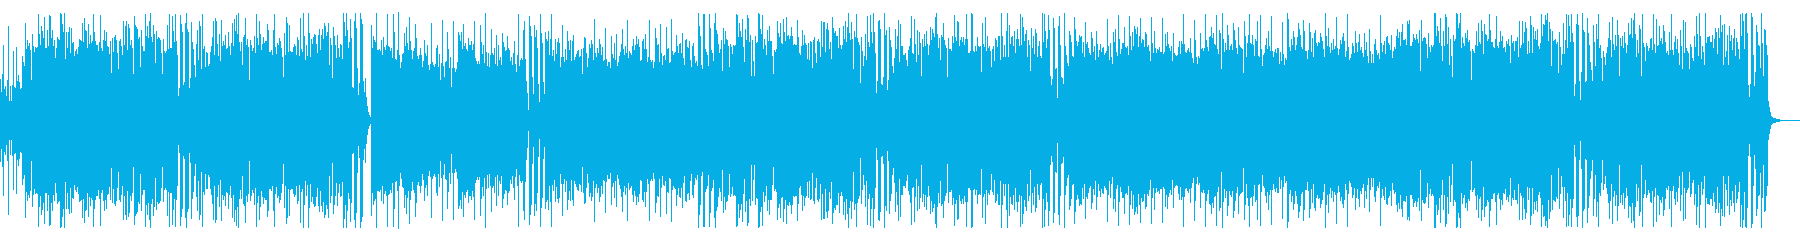 アップテンポでお洒落なジャズポップの再生済みの波形